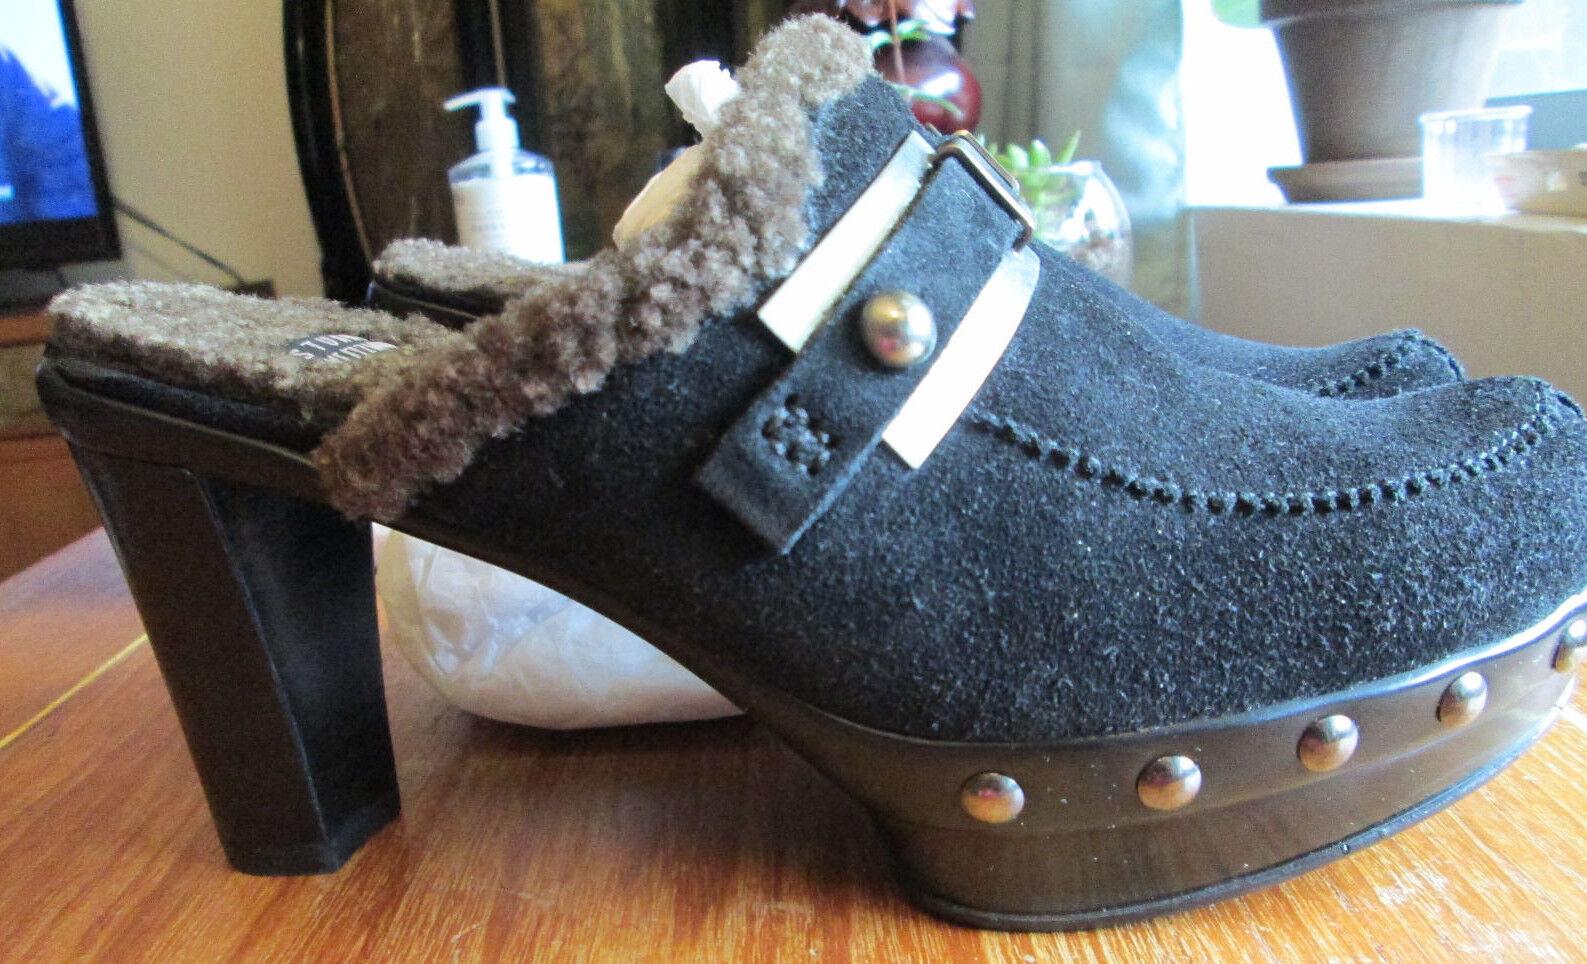 Stuart Weitzman en Daim Noir Mules Chaussures Taille 6 Fabriqué en Espagne